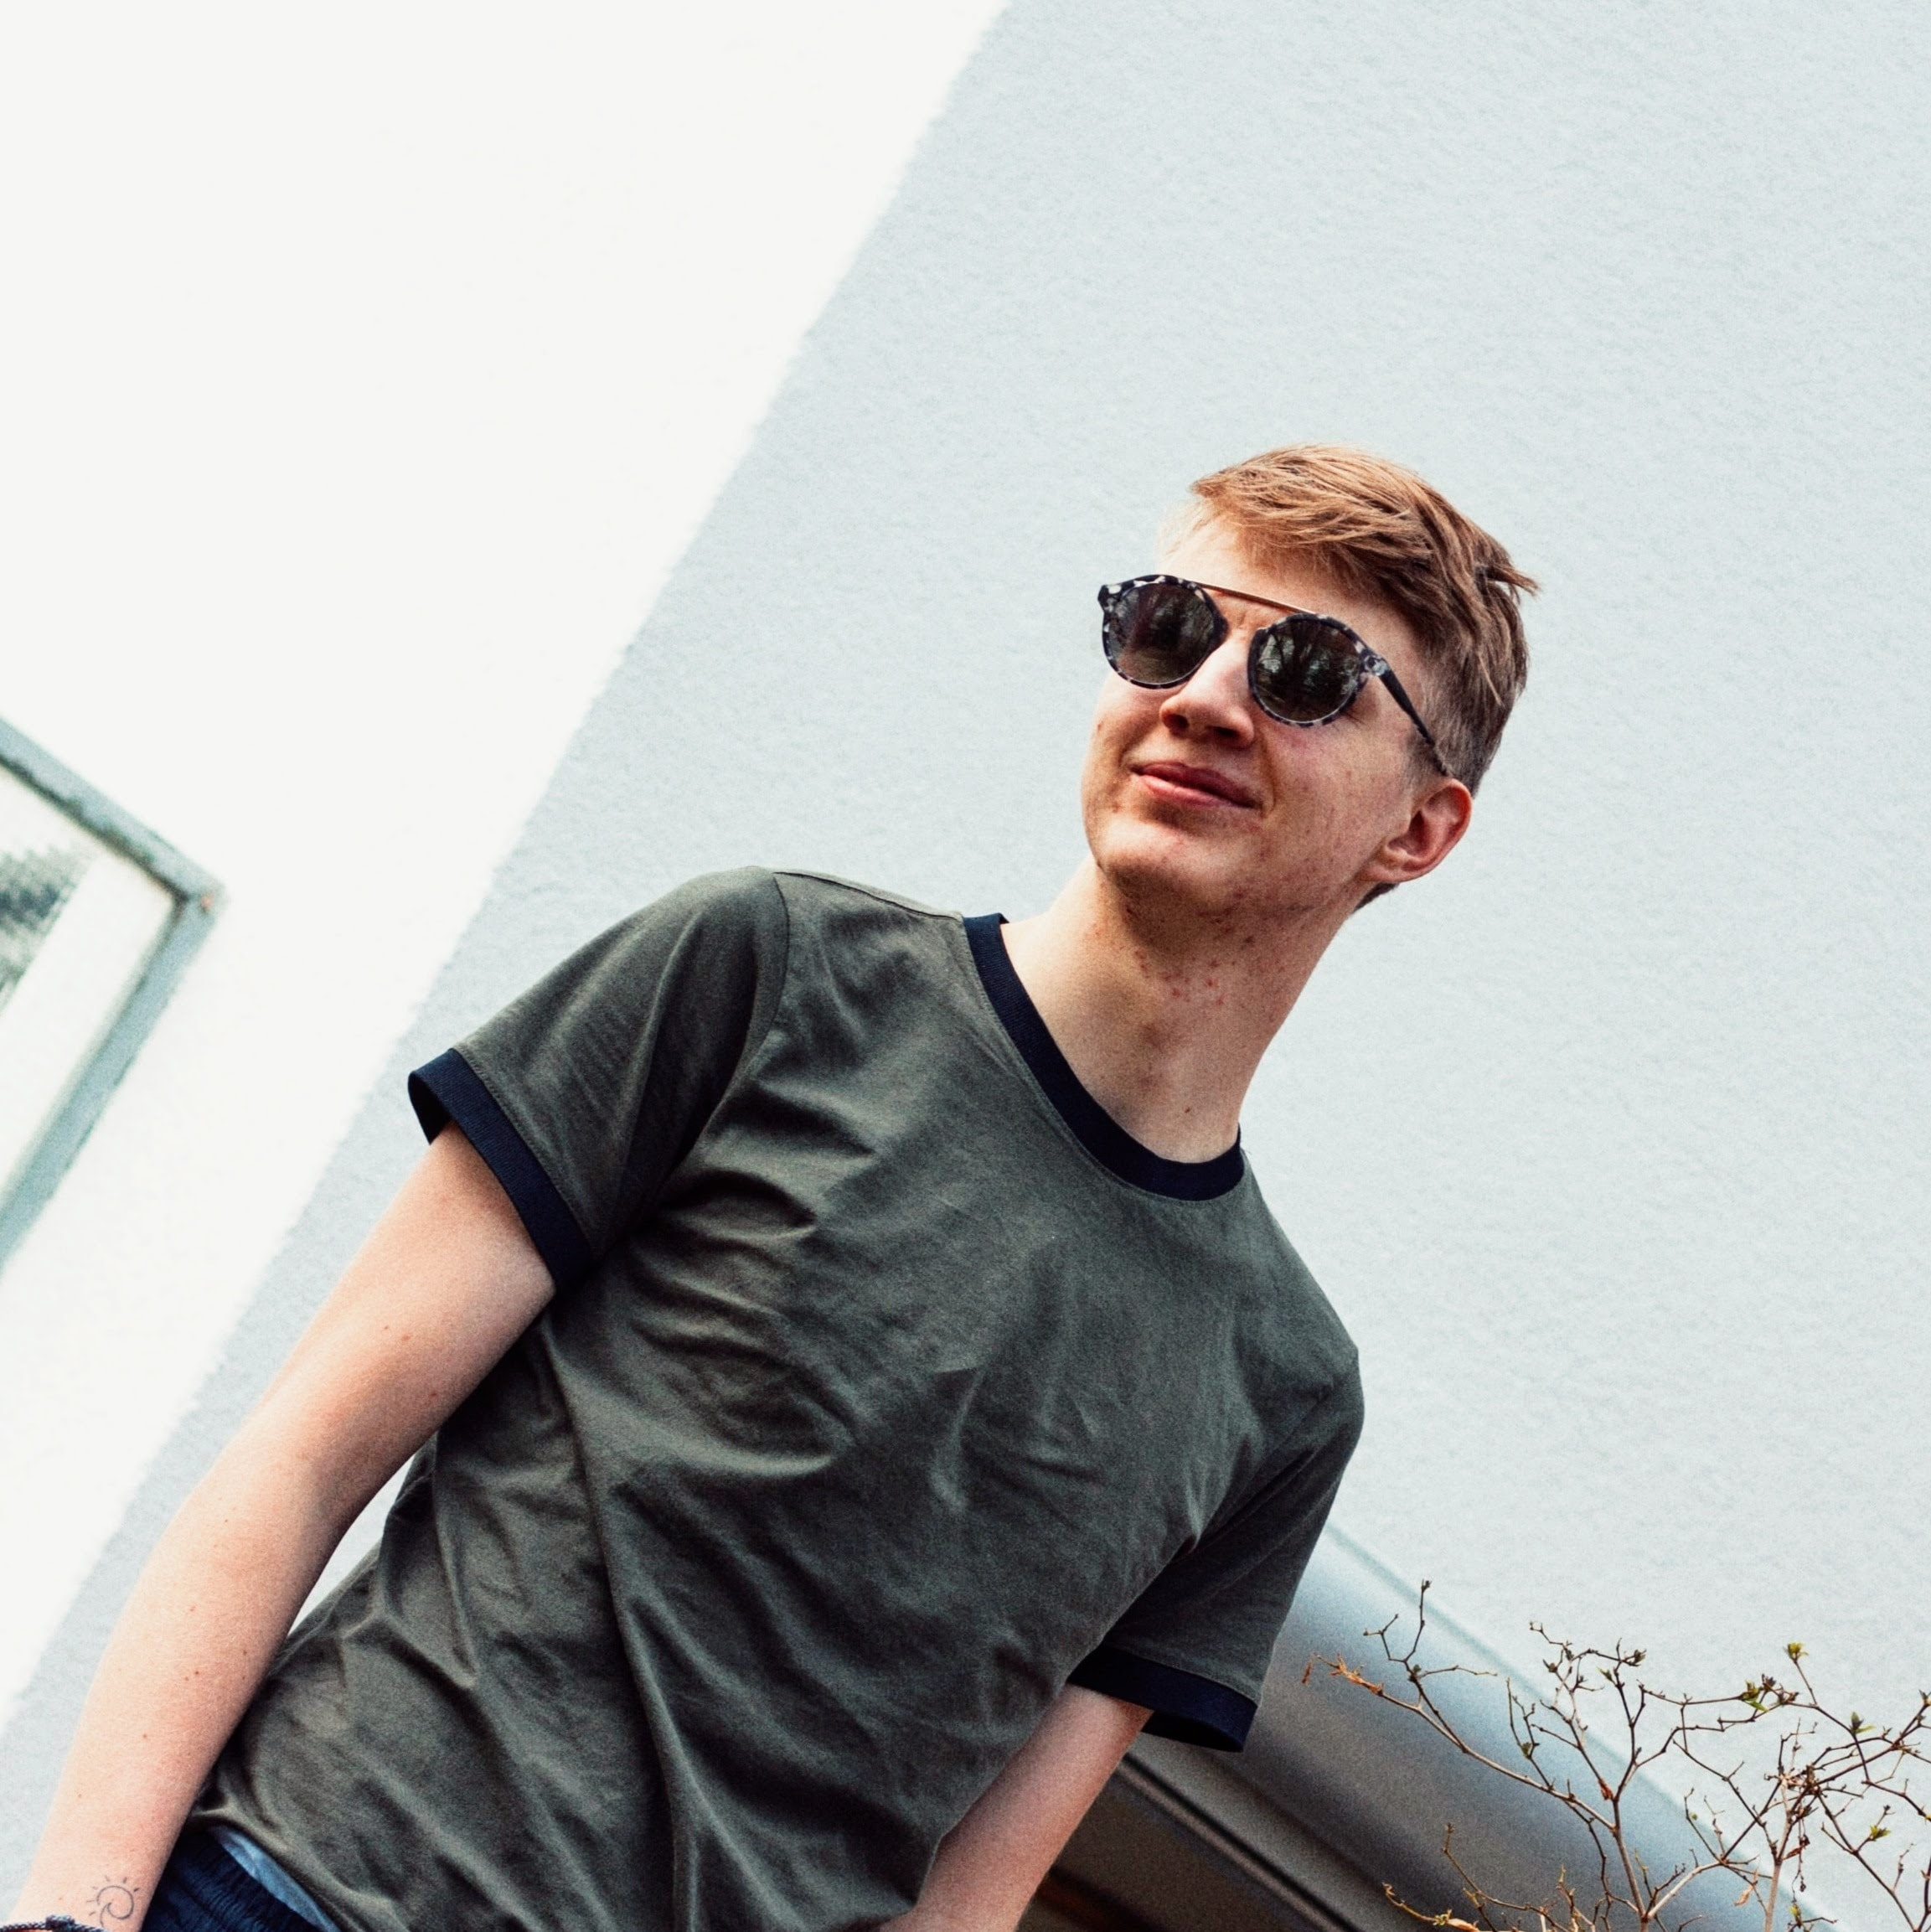 Go to Nils Uhlig's profile